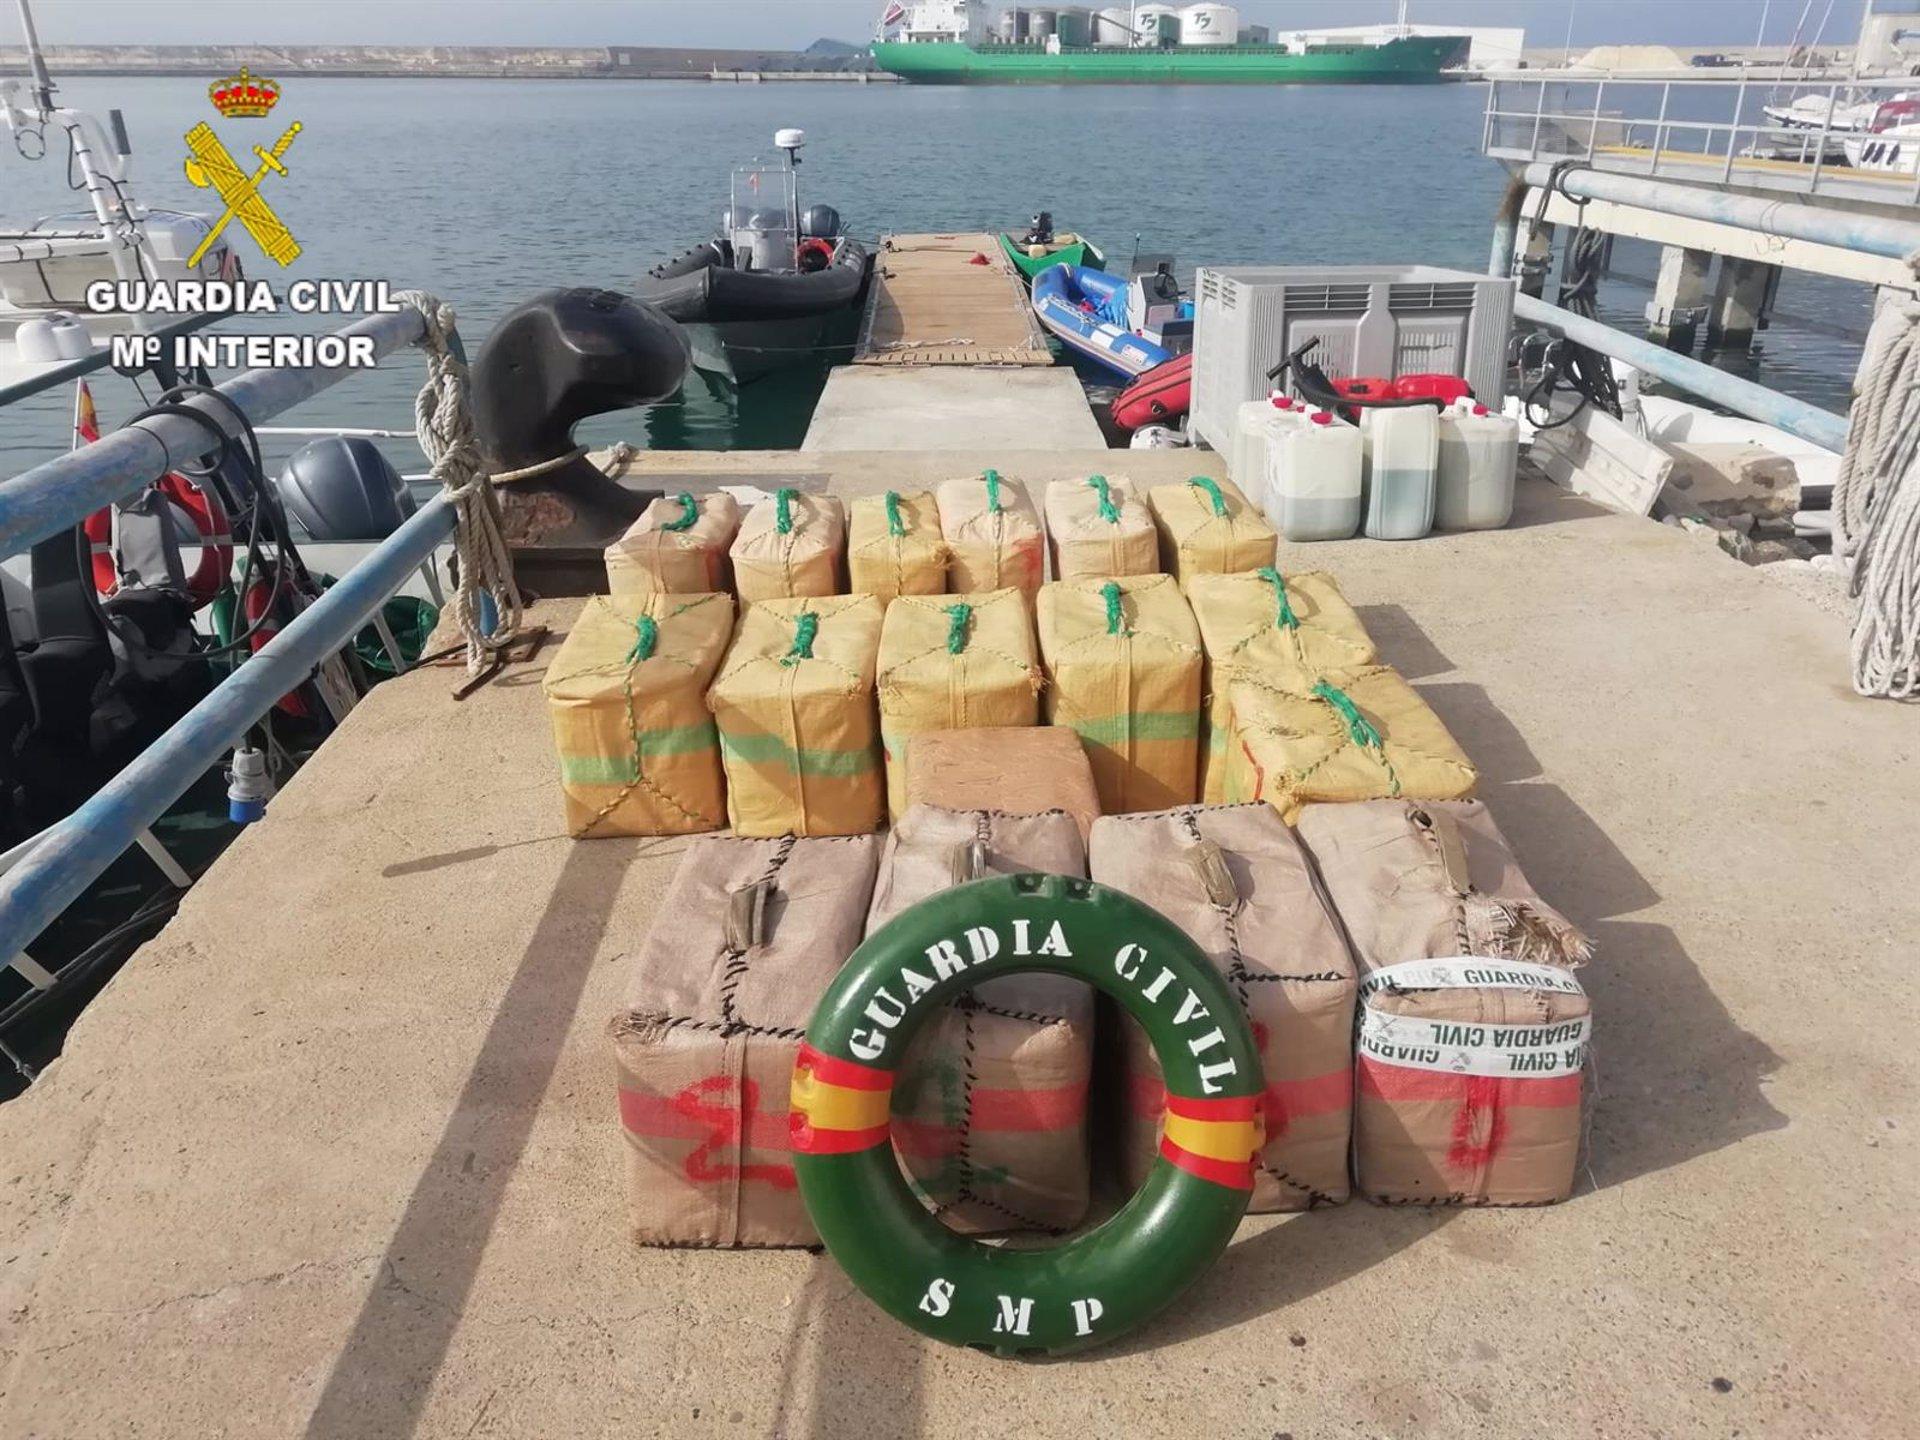 Interceptada una embarcación con 560 kilos de hachís frente a la playa de La Rábita